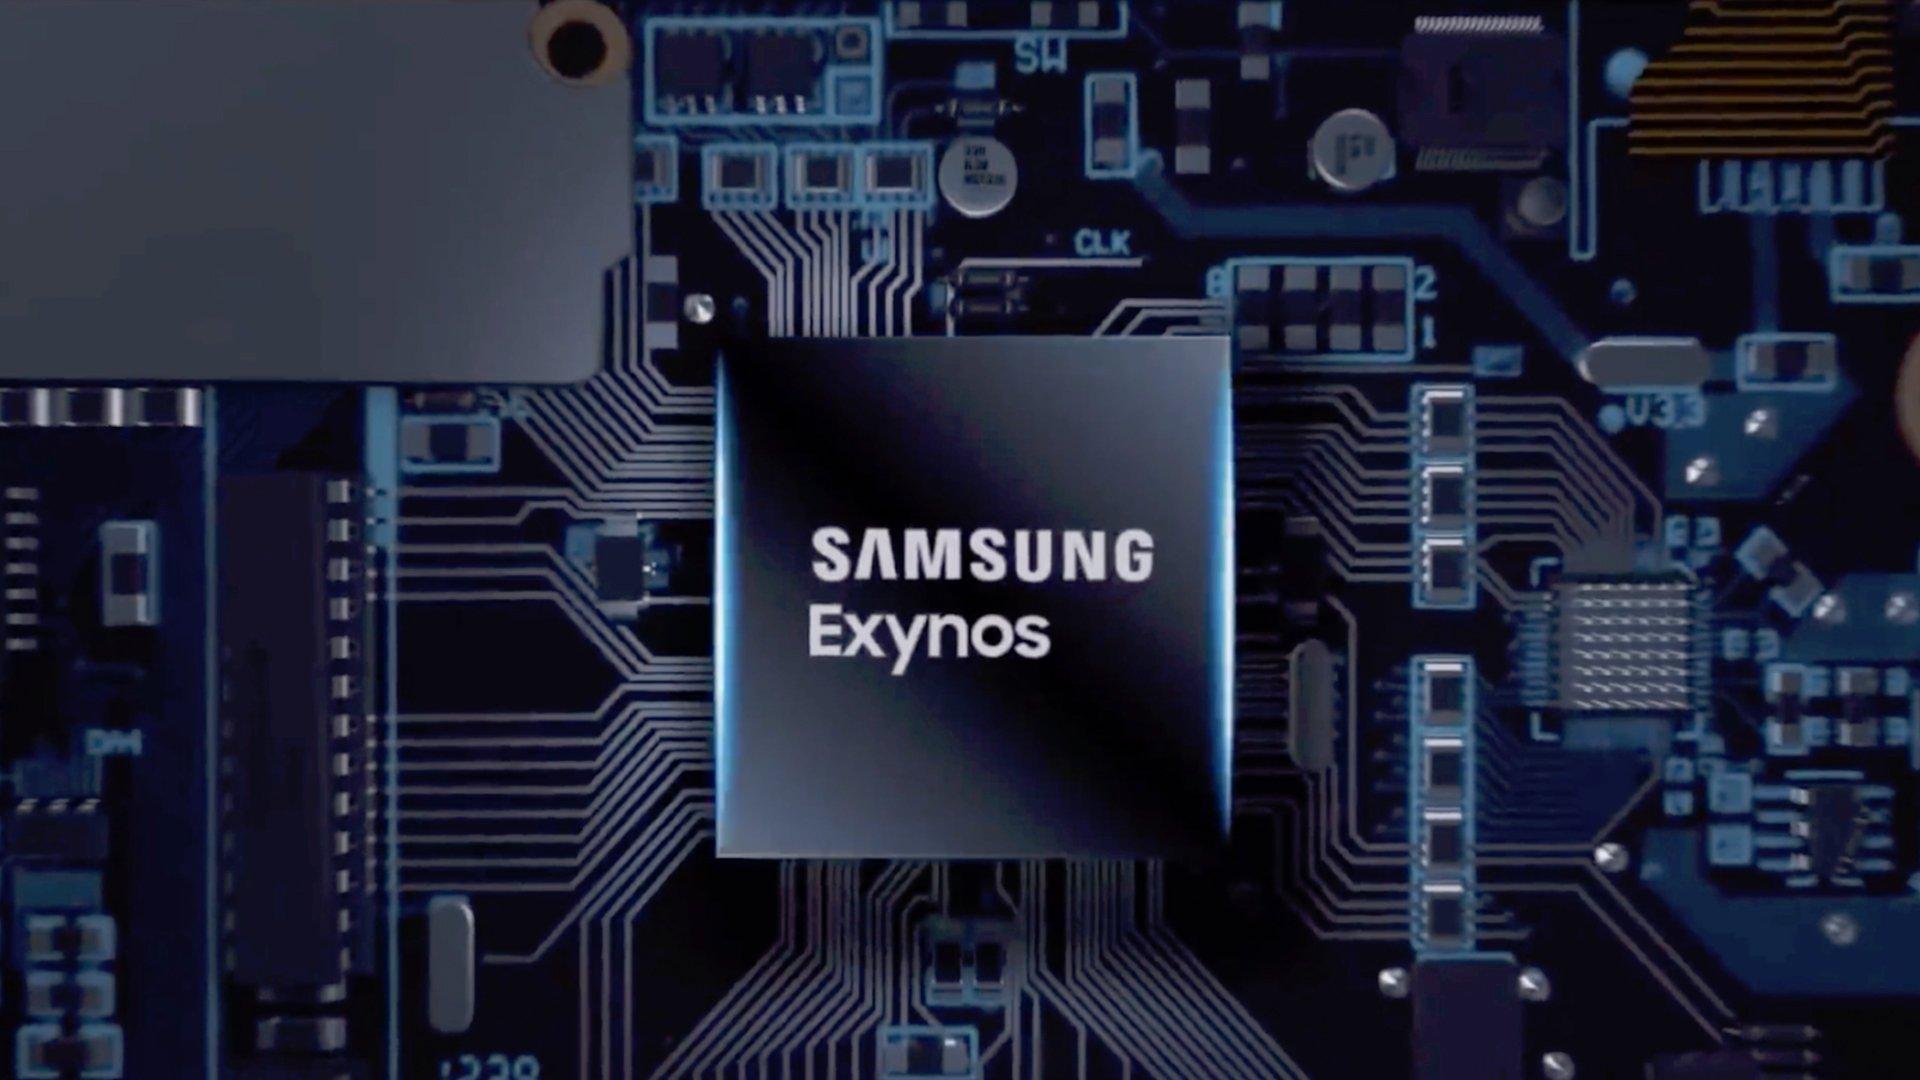 Samsung venderá sus procesadores Exynos a Xiaomi, Oppo y Vivo